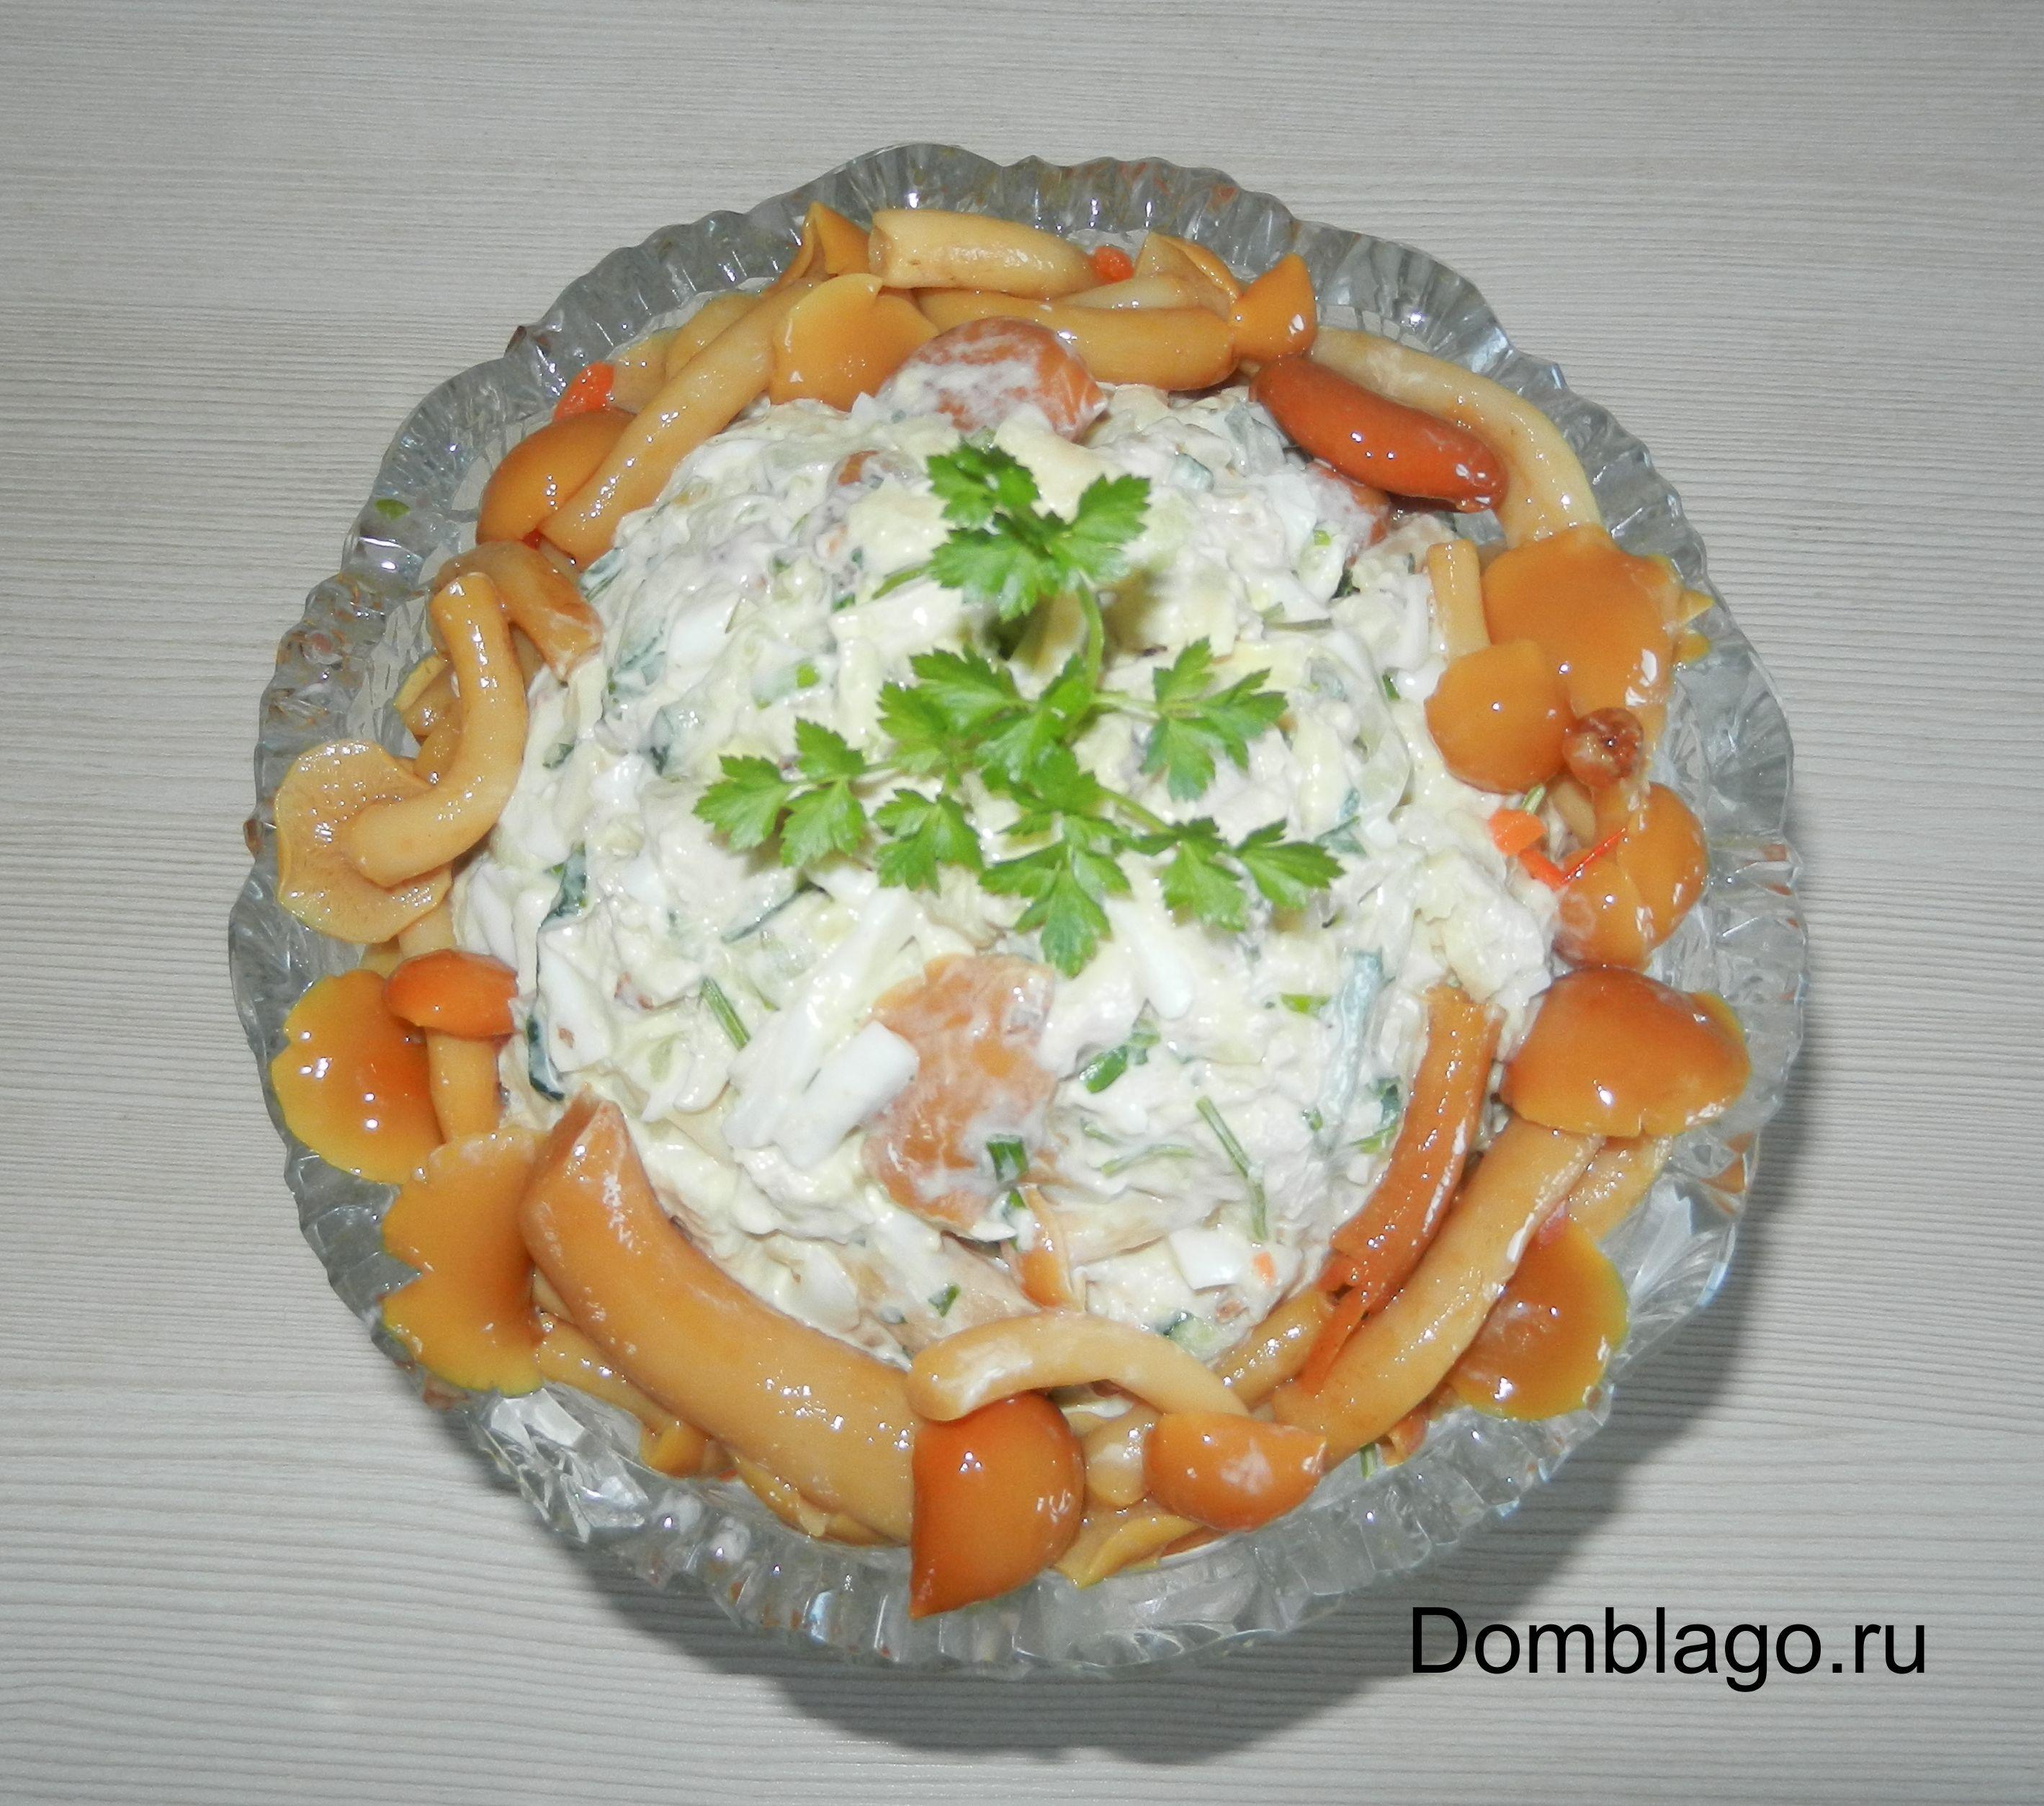 Салат праздничный с курицей рецепт с фото пошагово